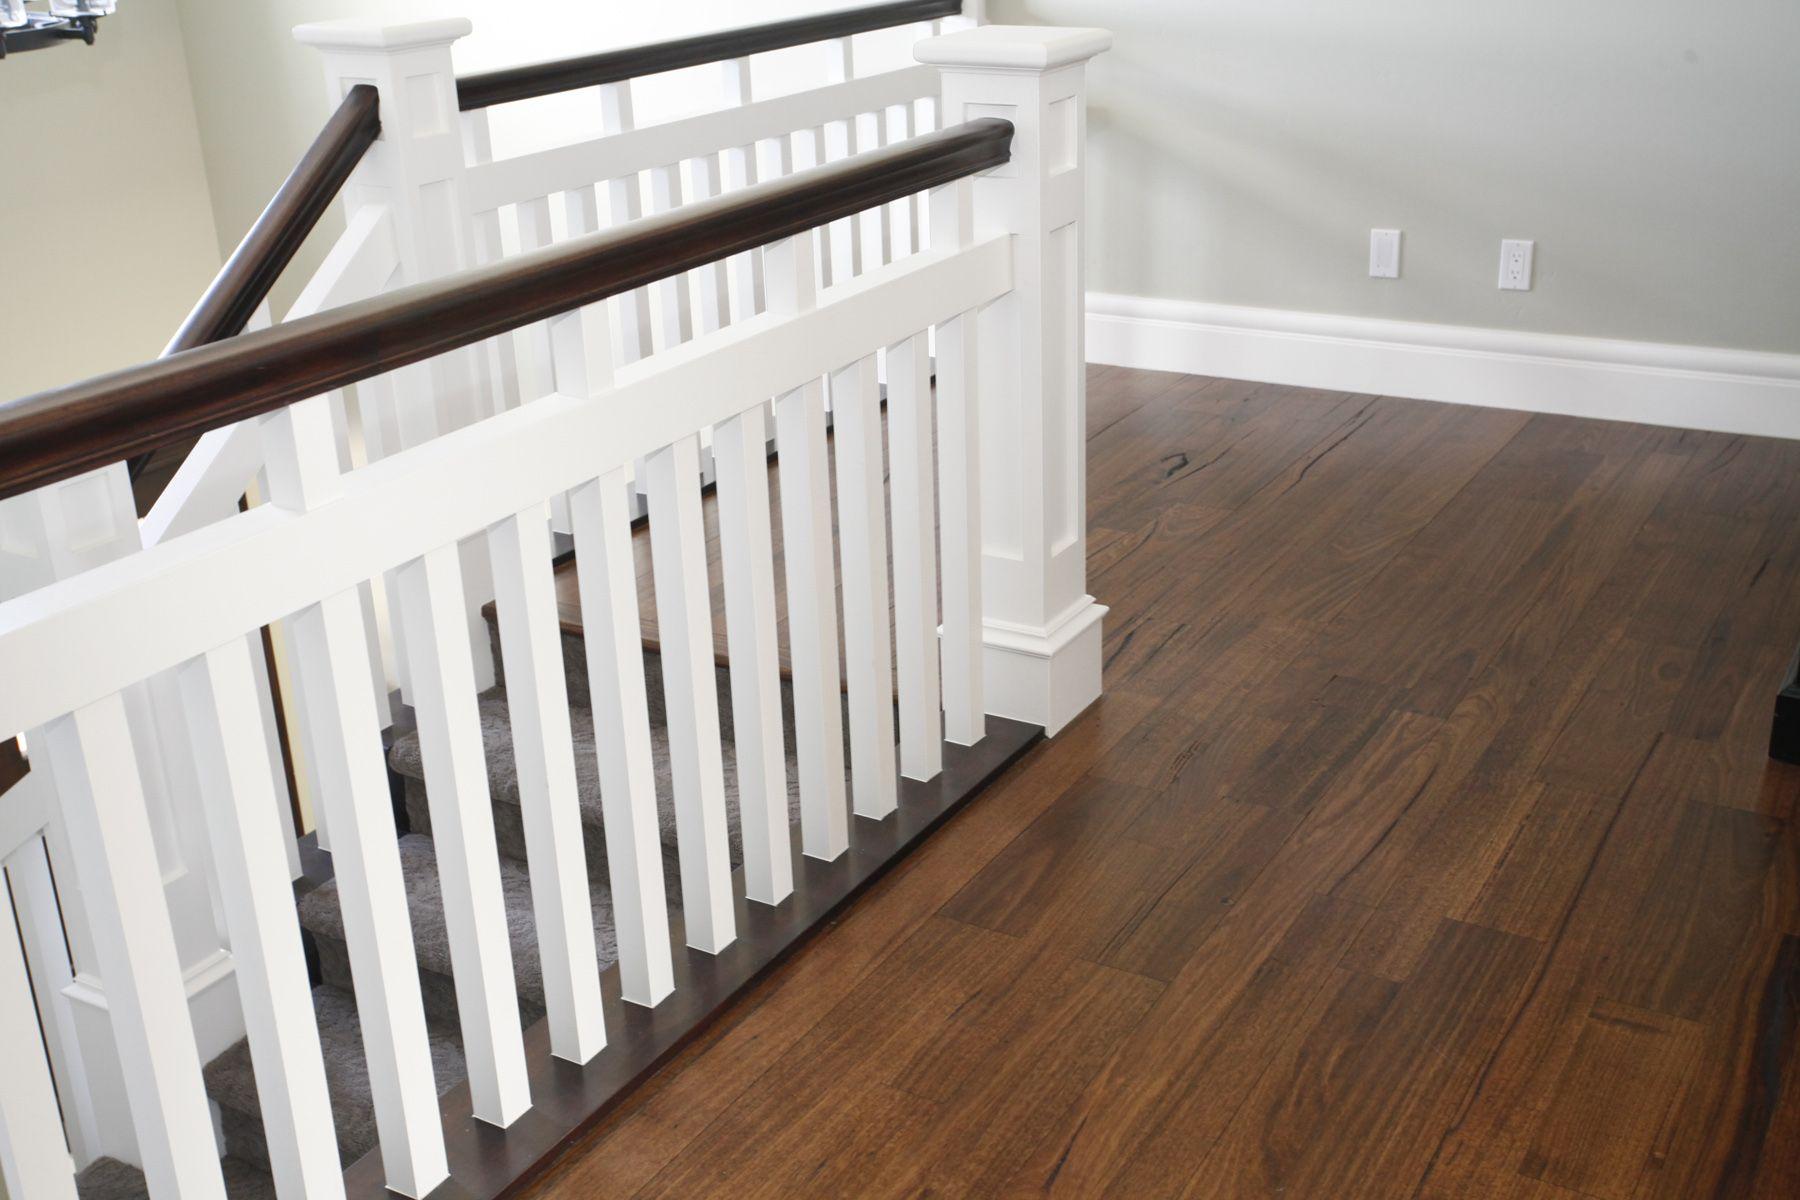 Carson S Custom Hardwood Floors Utah Hardwood Flooring Other Installing Hardwood Floors Hardwood Floors Hardwood Floor Repair